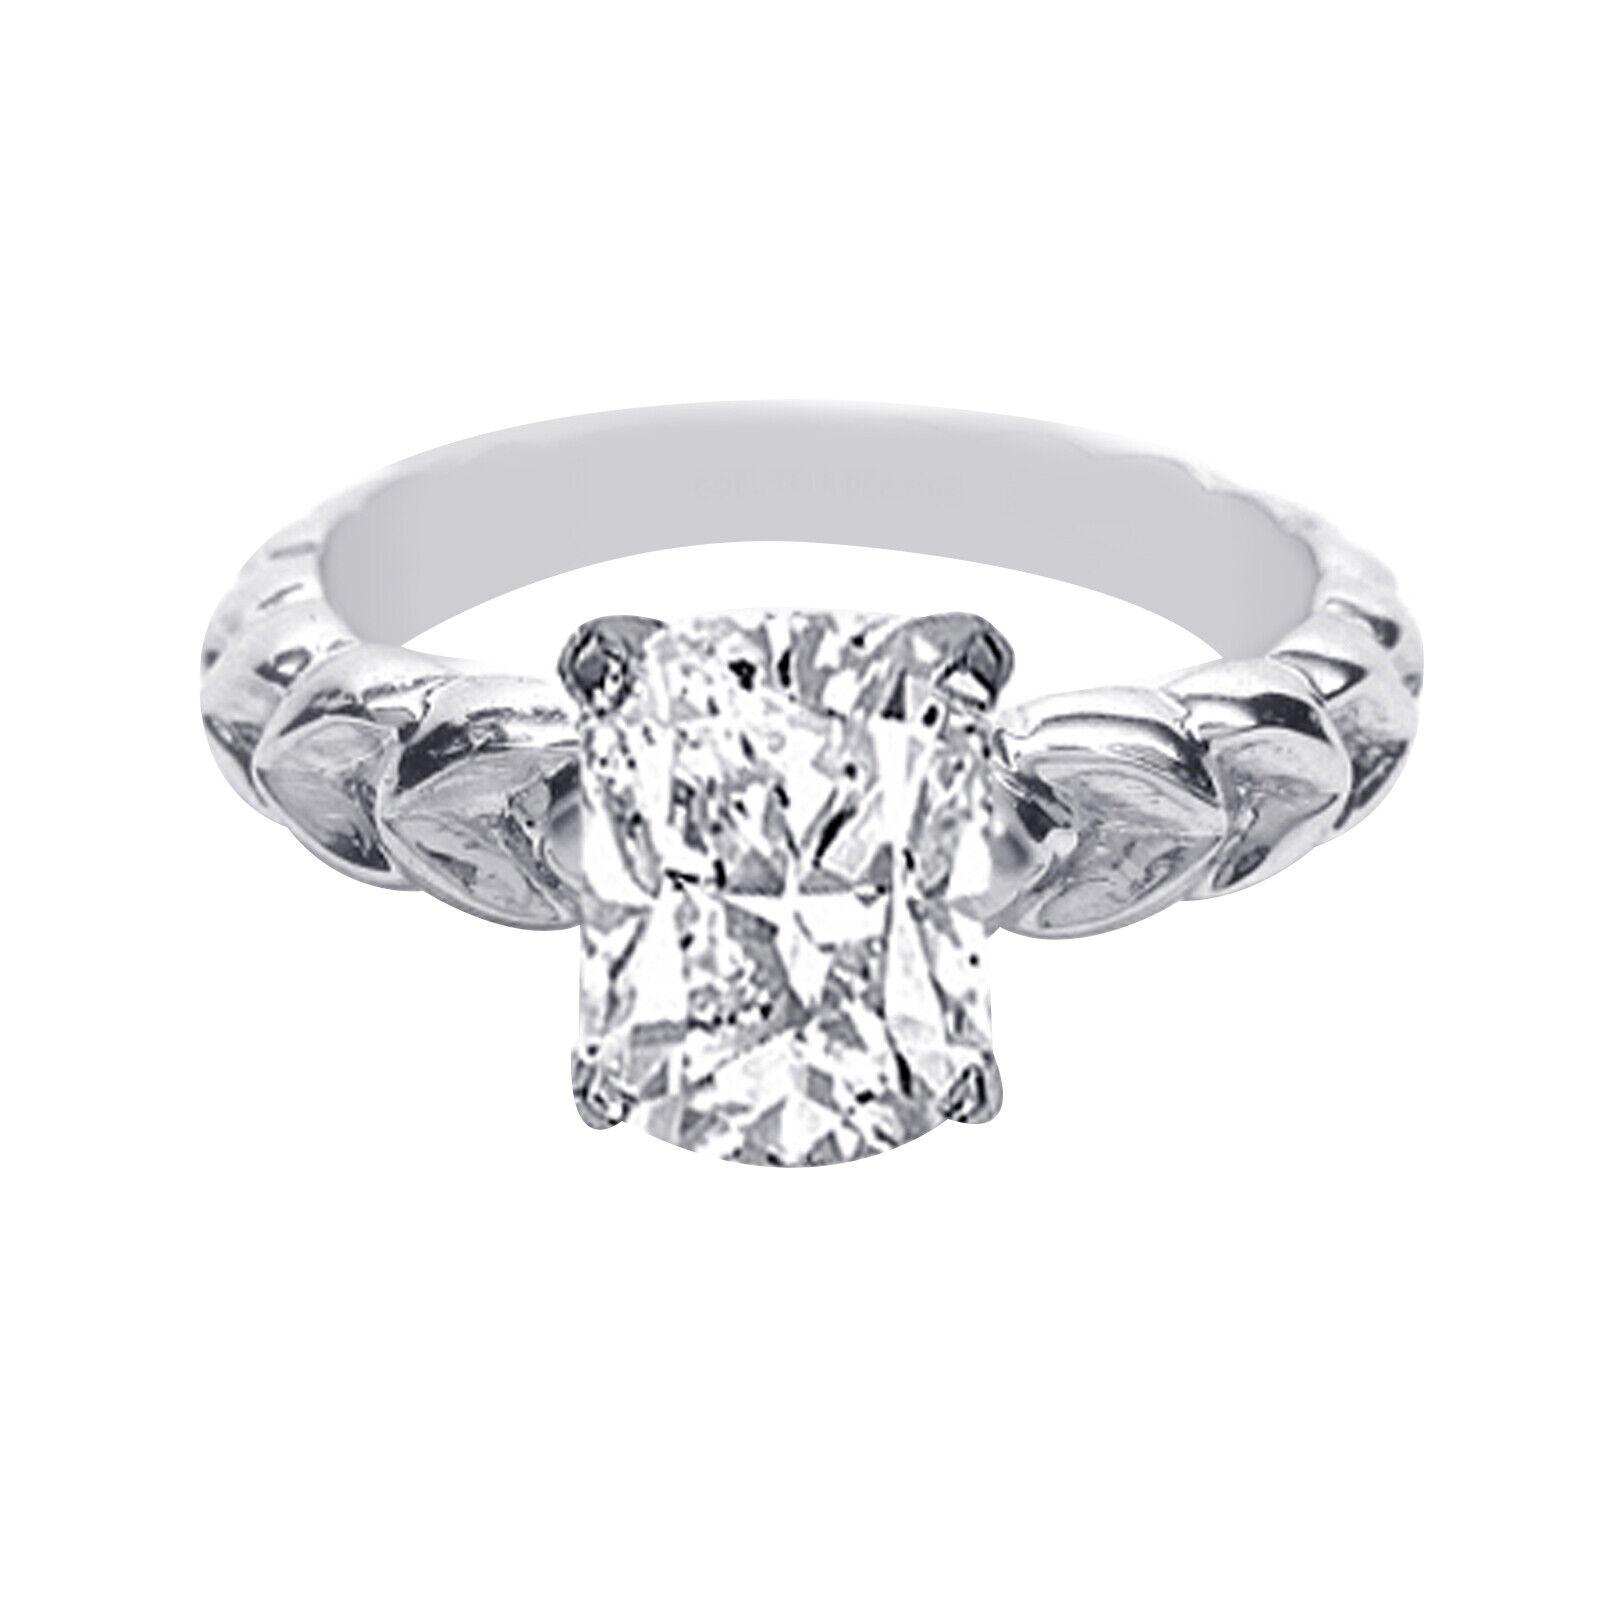 GIA Certified Diamond Engagement Ring 0.70 carat Cushion Cut 18k White Gold